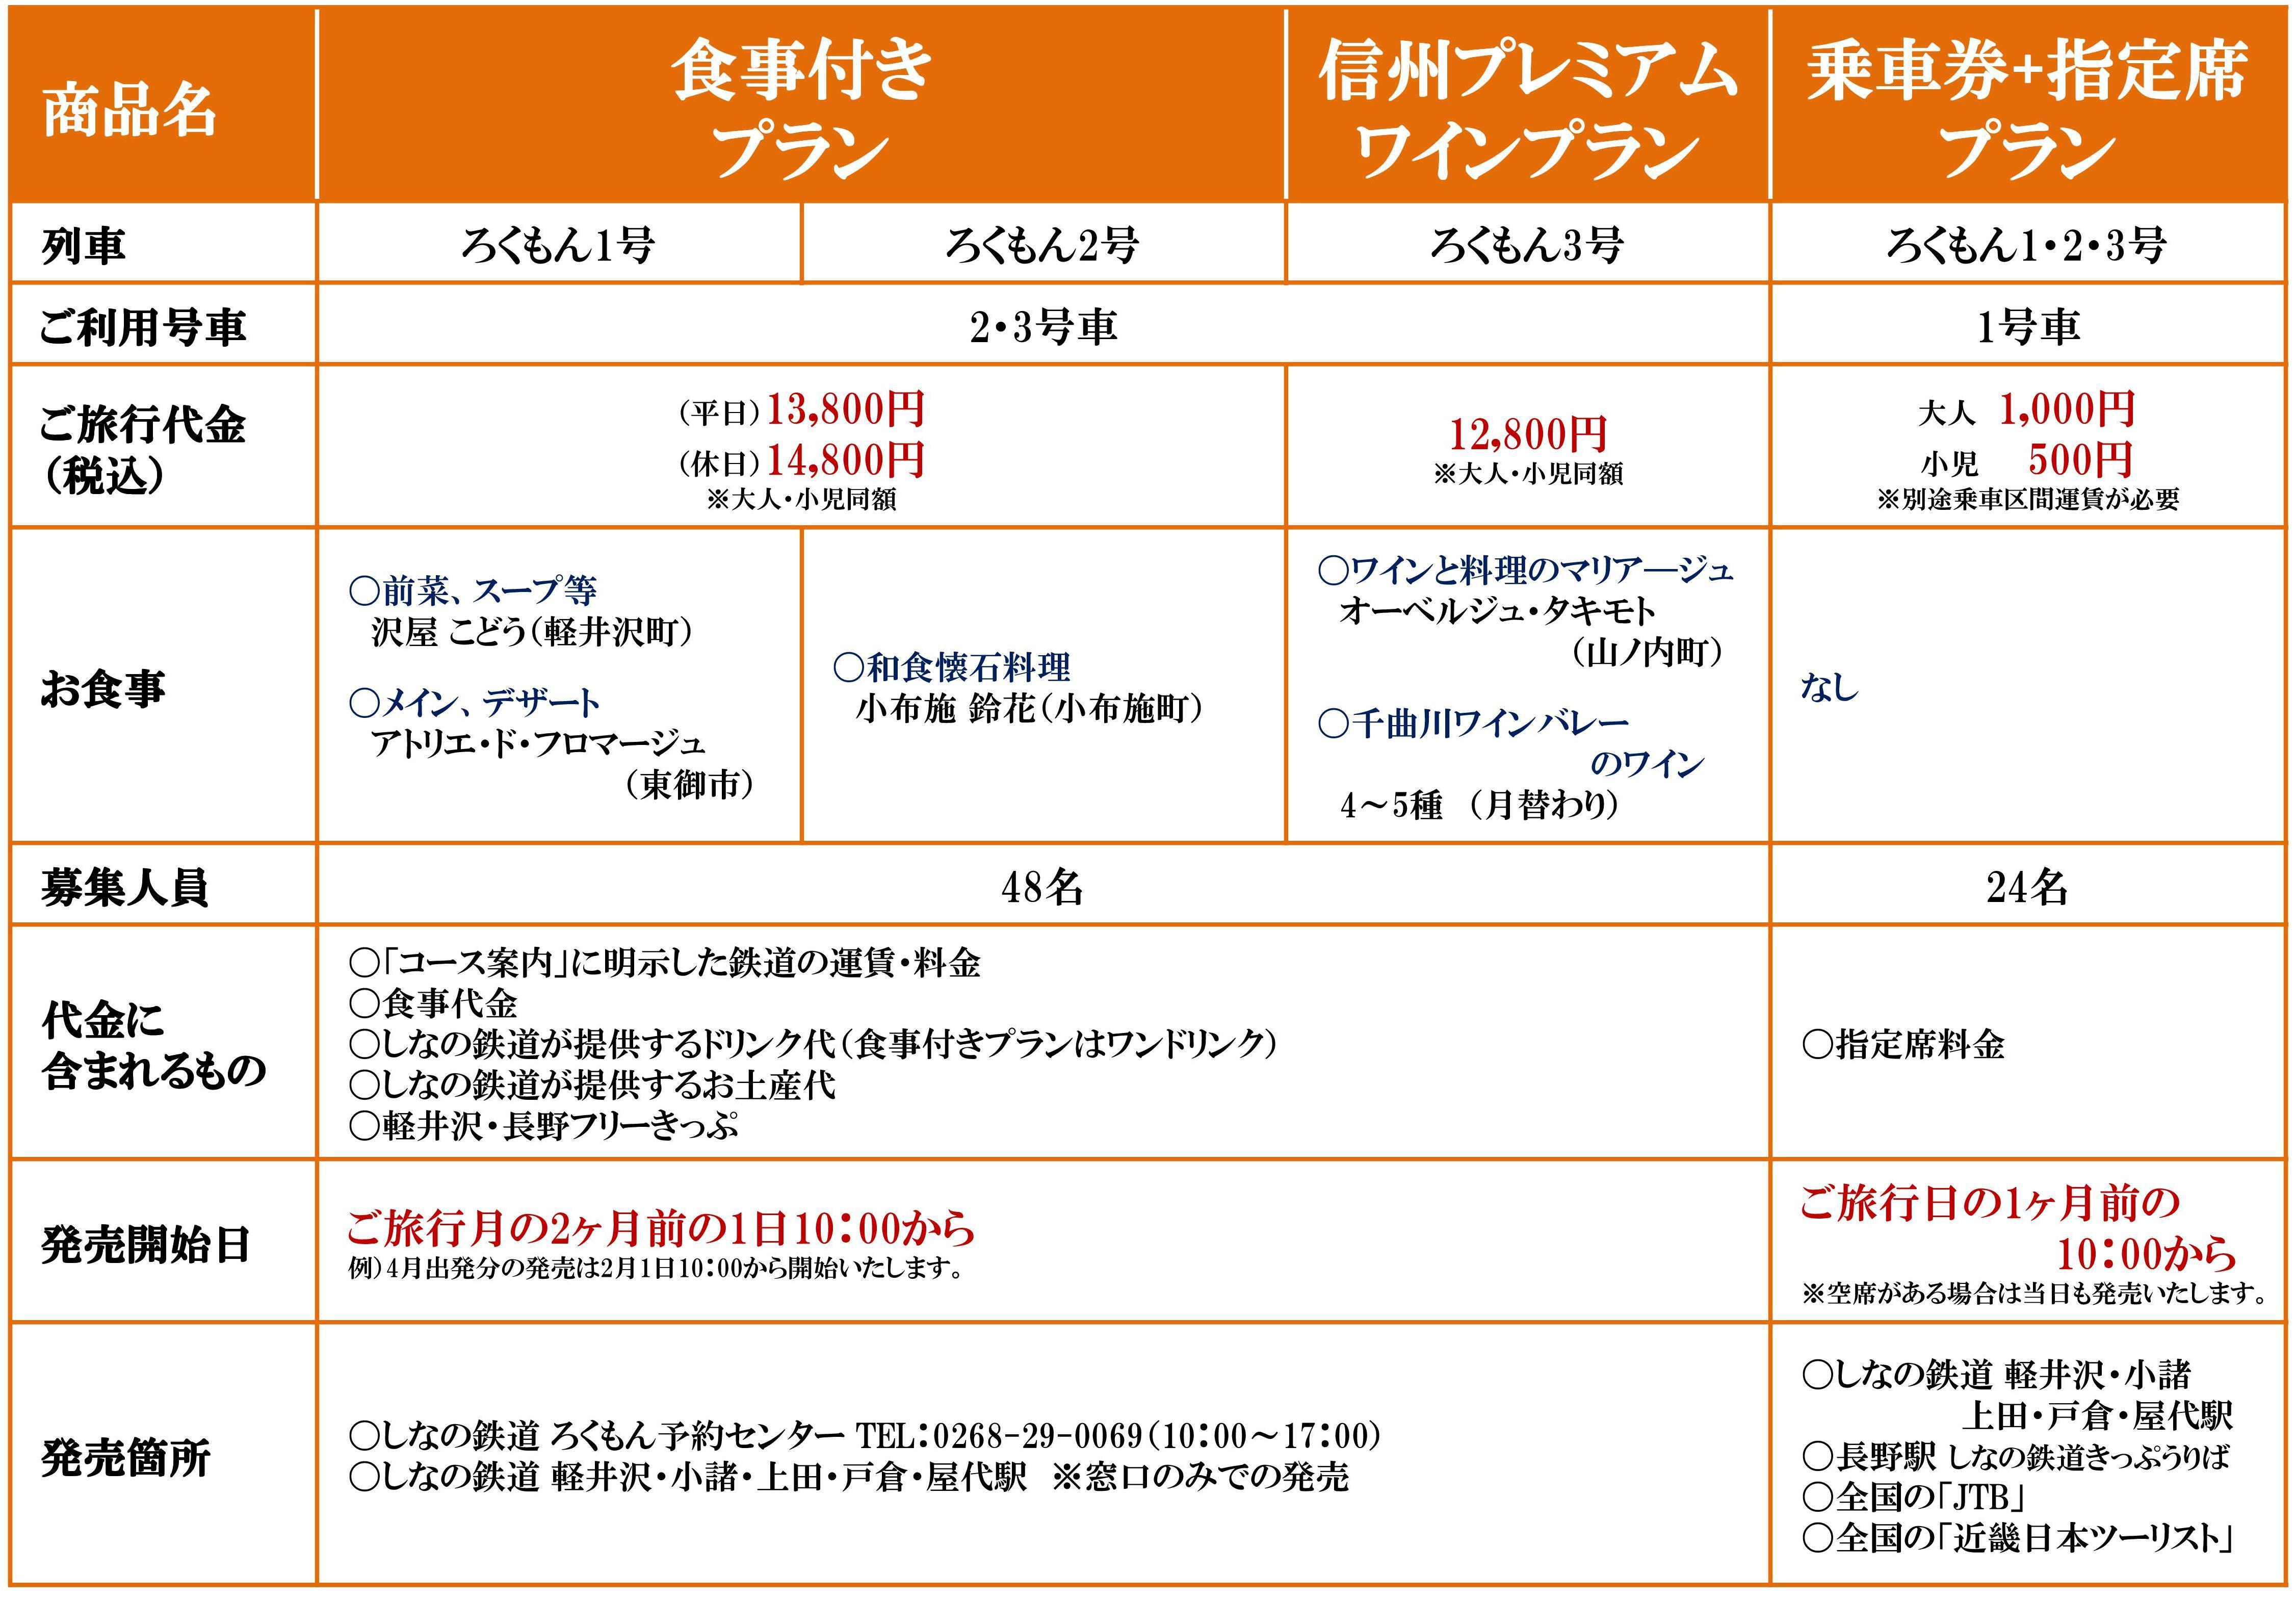 20170127_rokumon_H29_schedule_7.jpg